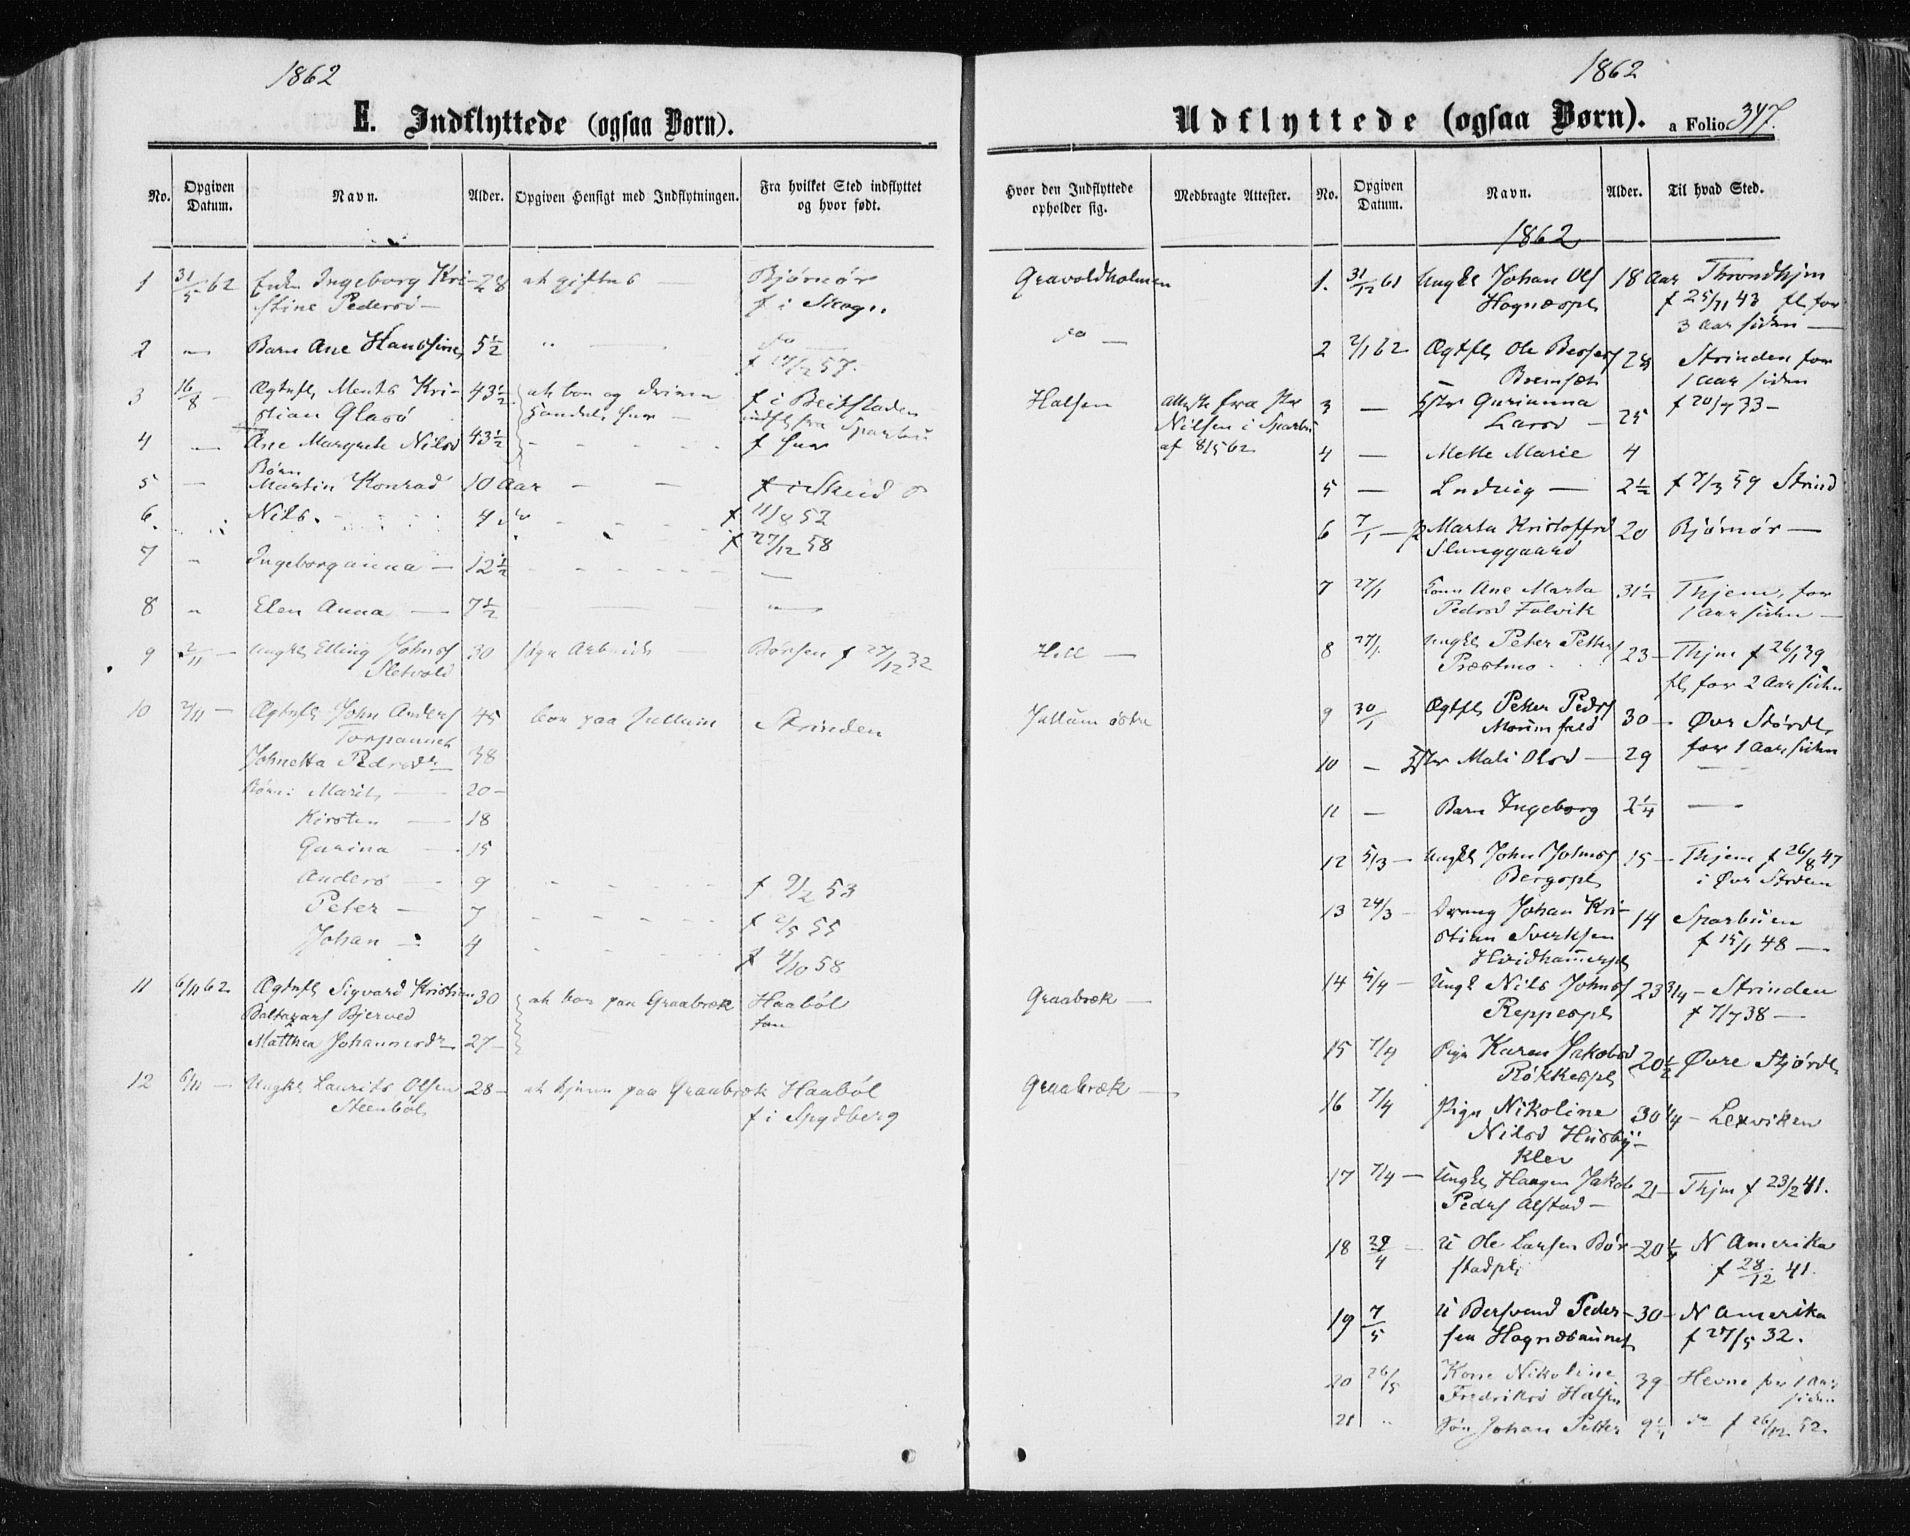 SAT, Ministerialprotokoller, klokkerbøker og fødselsregistre - Nord-Trøndelag, 709/L0075: Ministerialbok nr. 709A15, 1859-1870, s. 347